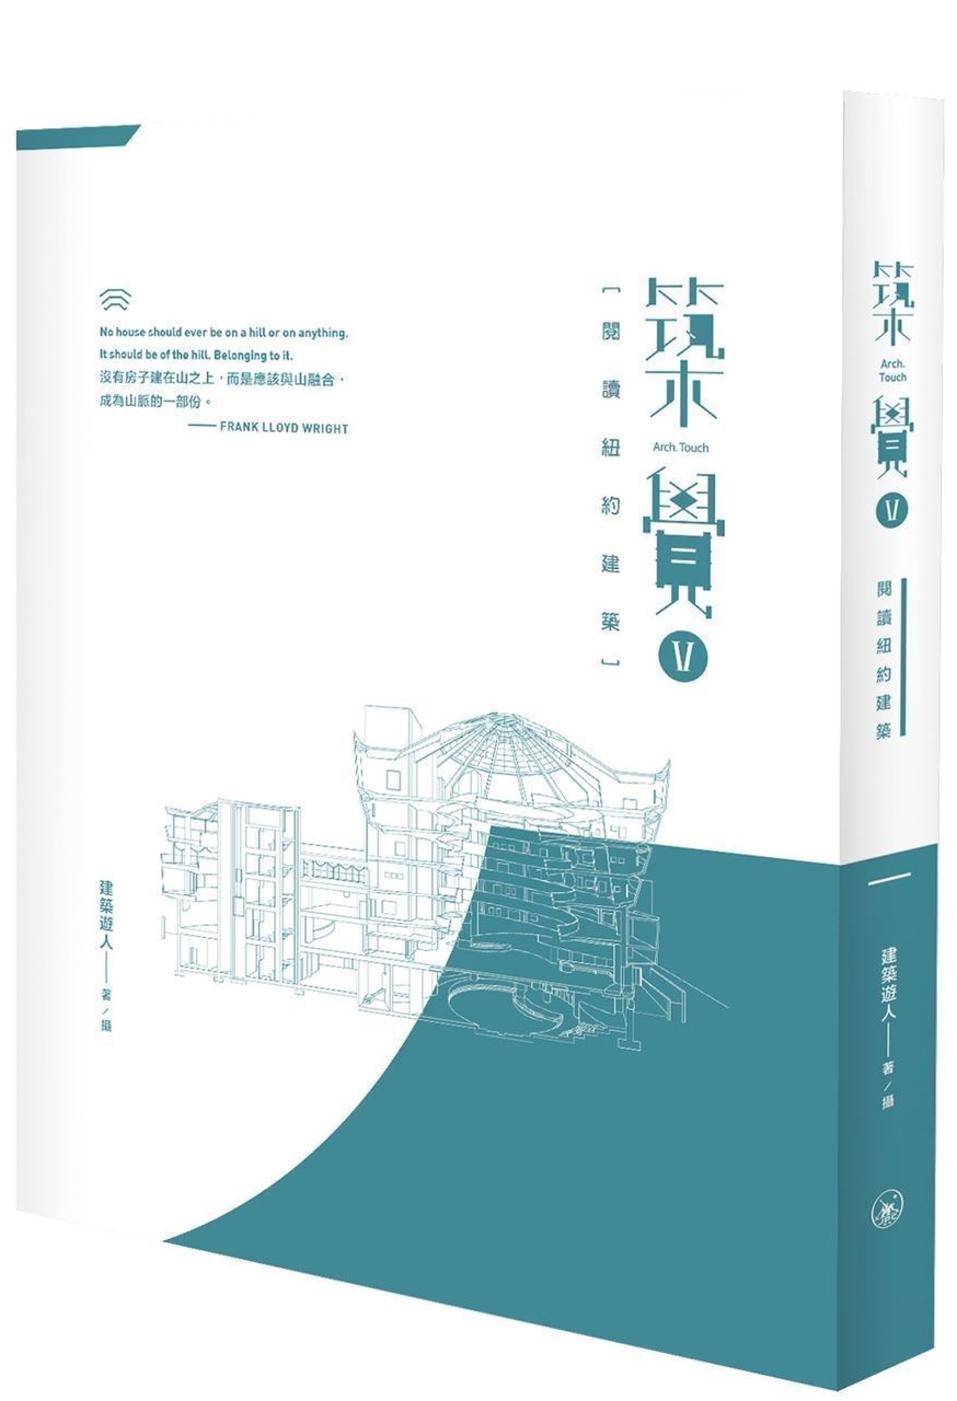 築覺 V:閱讀紐約建築